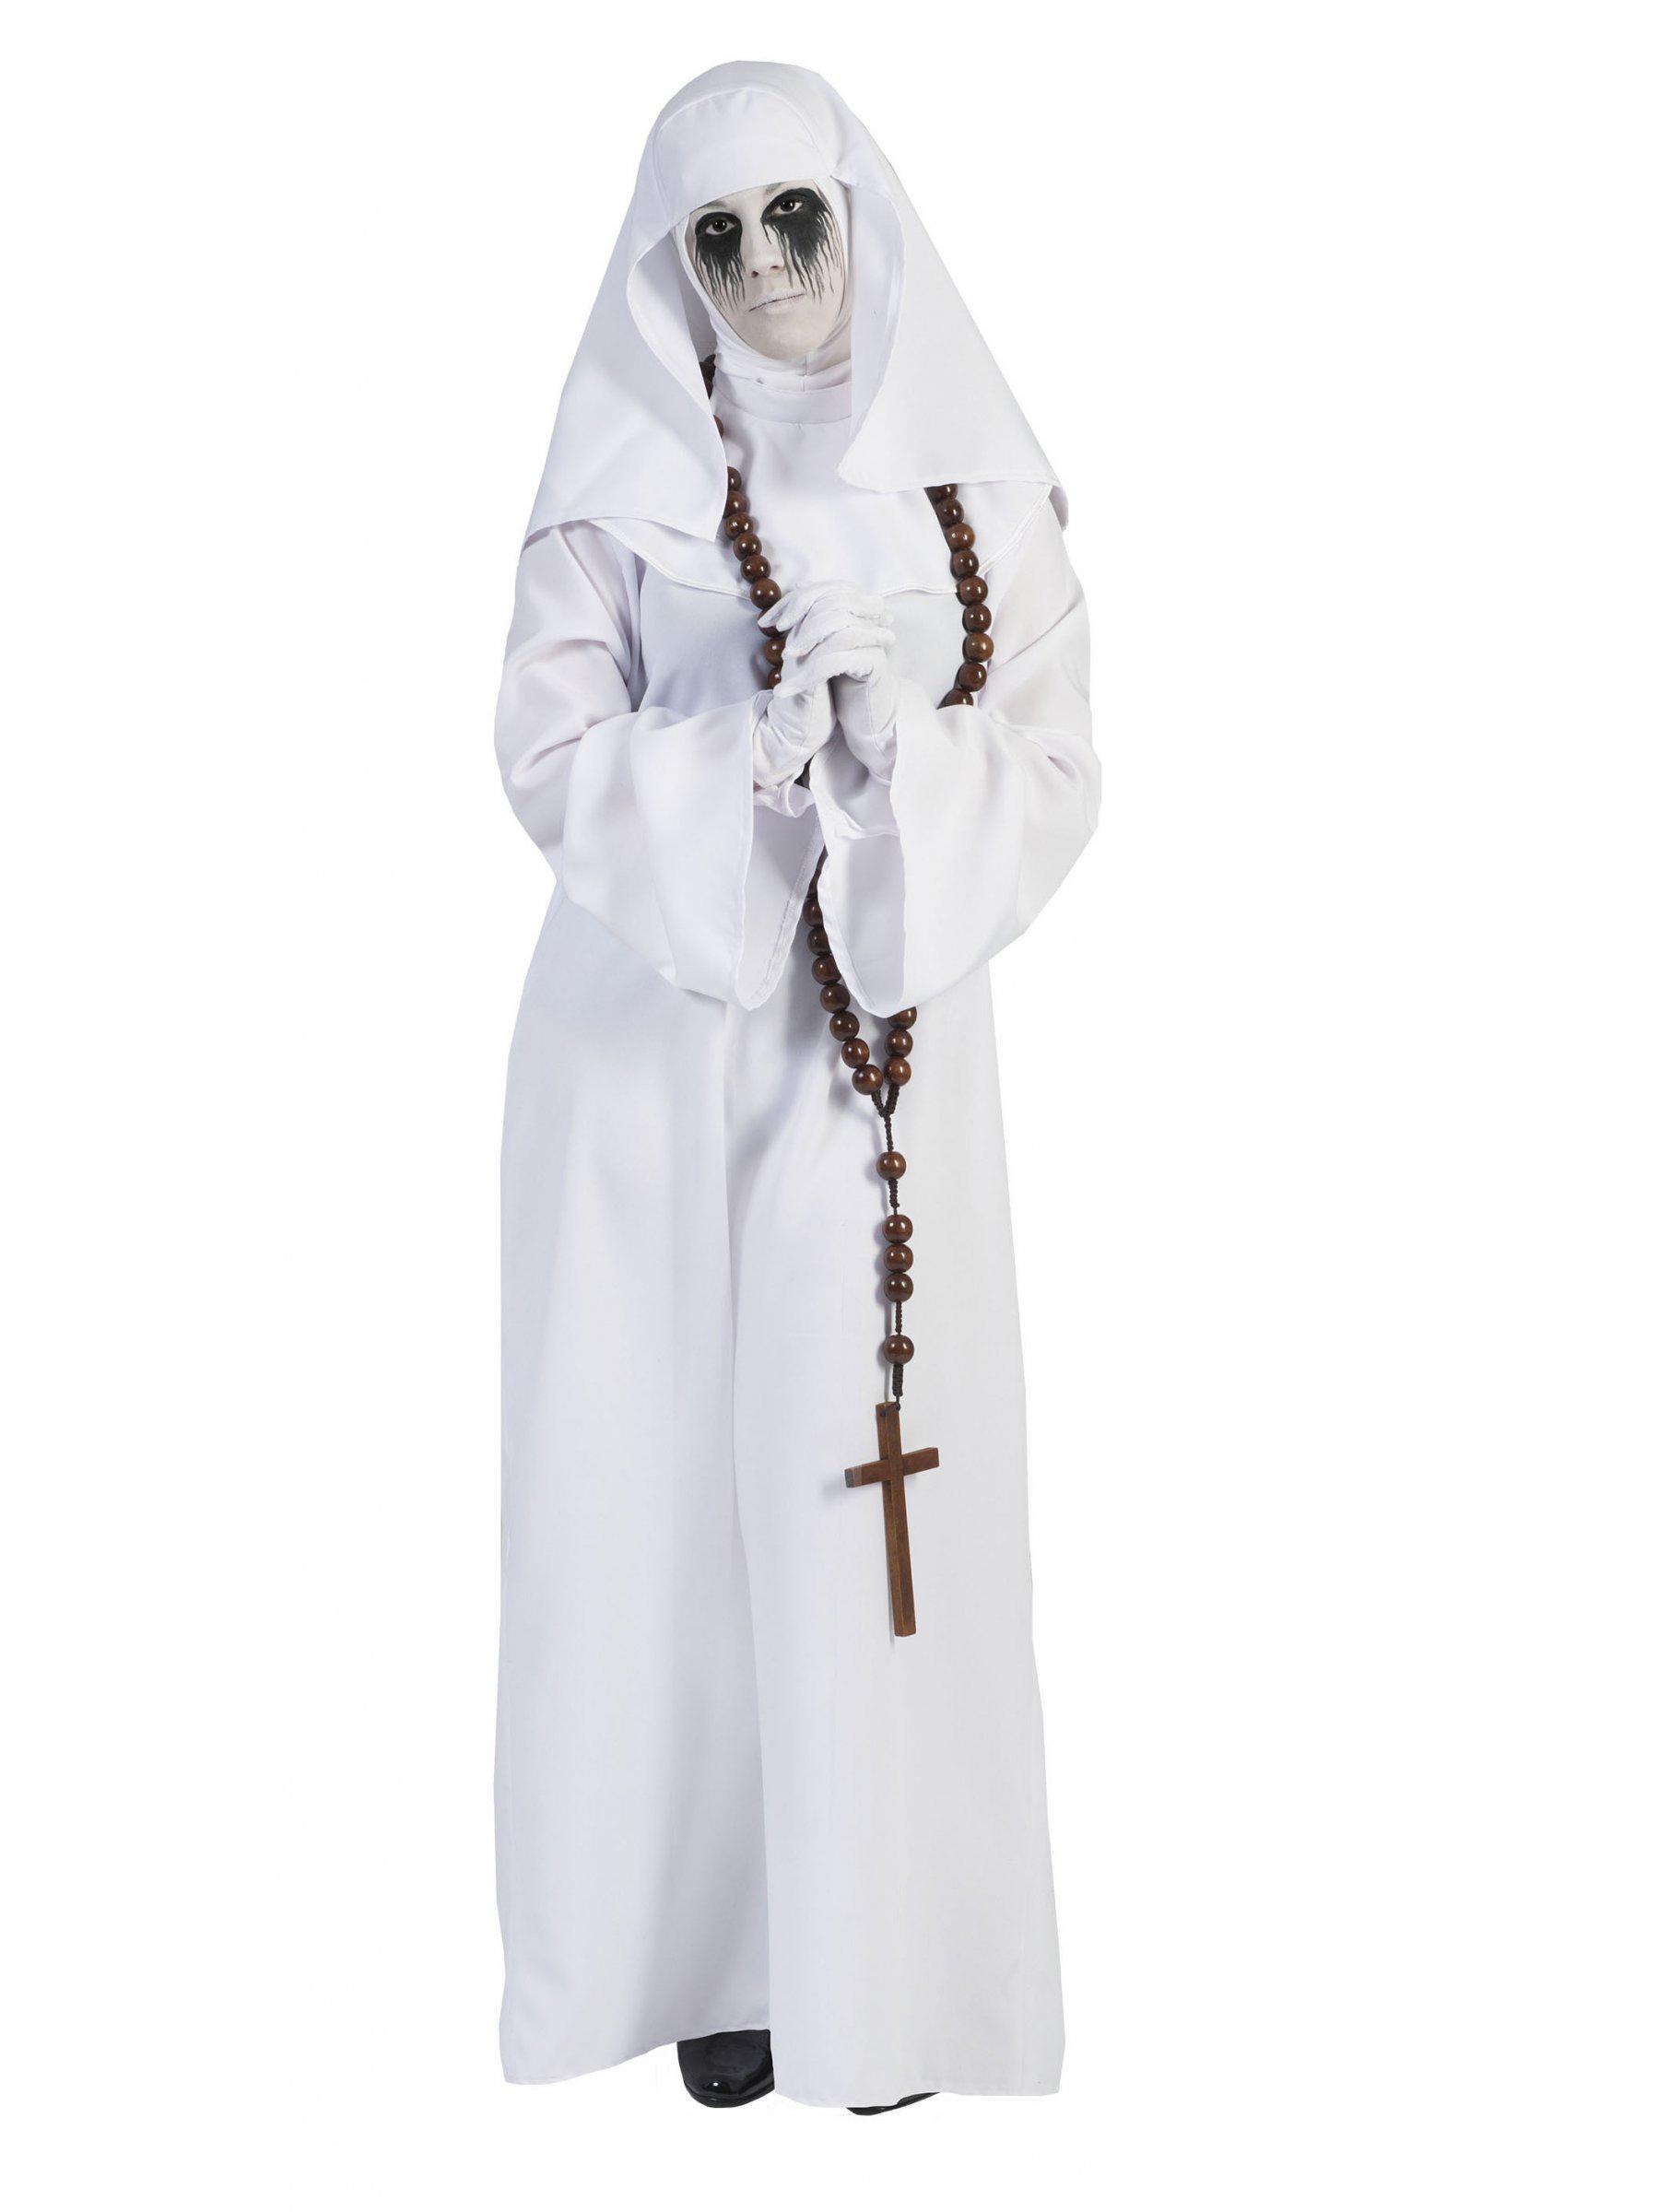 Geisterhaftes Nonnen-Kostüm für Damen weiss - M 155598